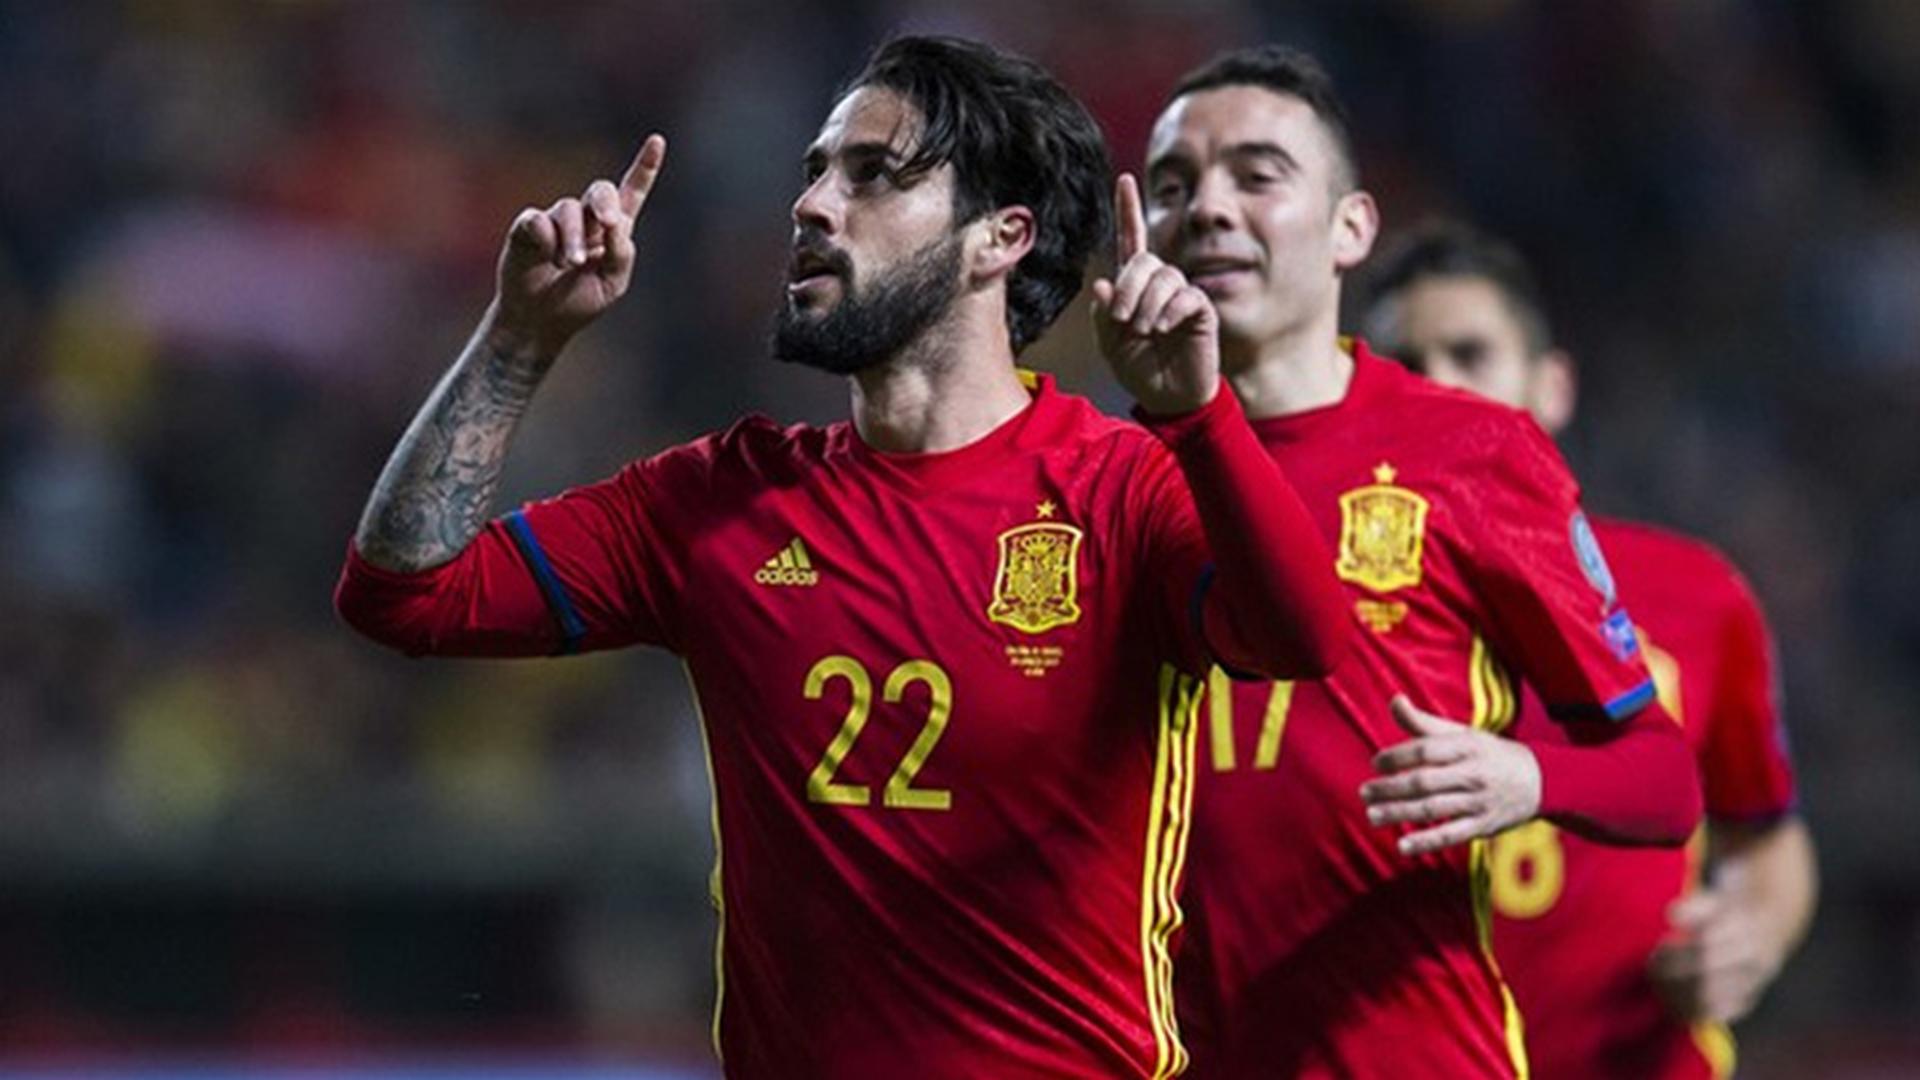 Чемпионат мира. Испанцы играют вничью с Марокко после первого тайма